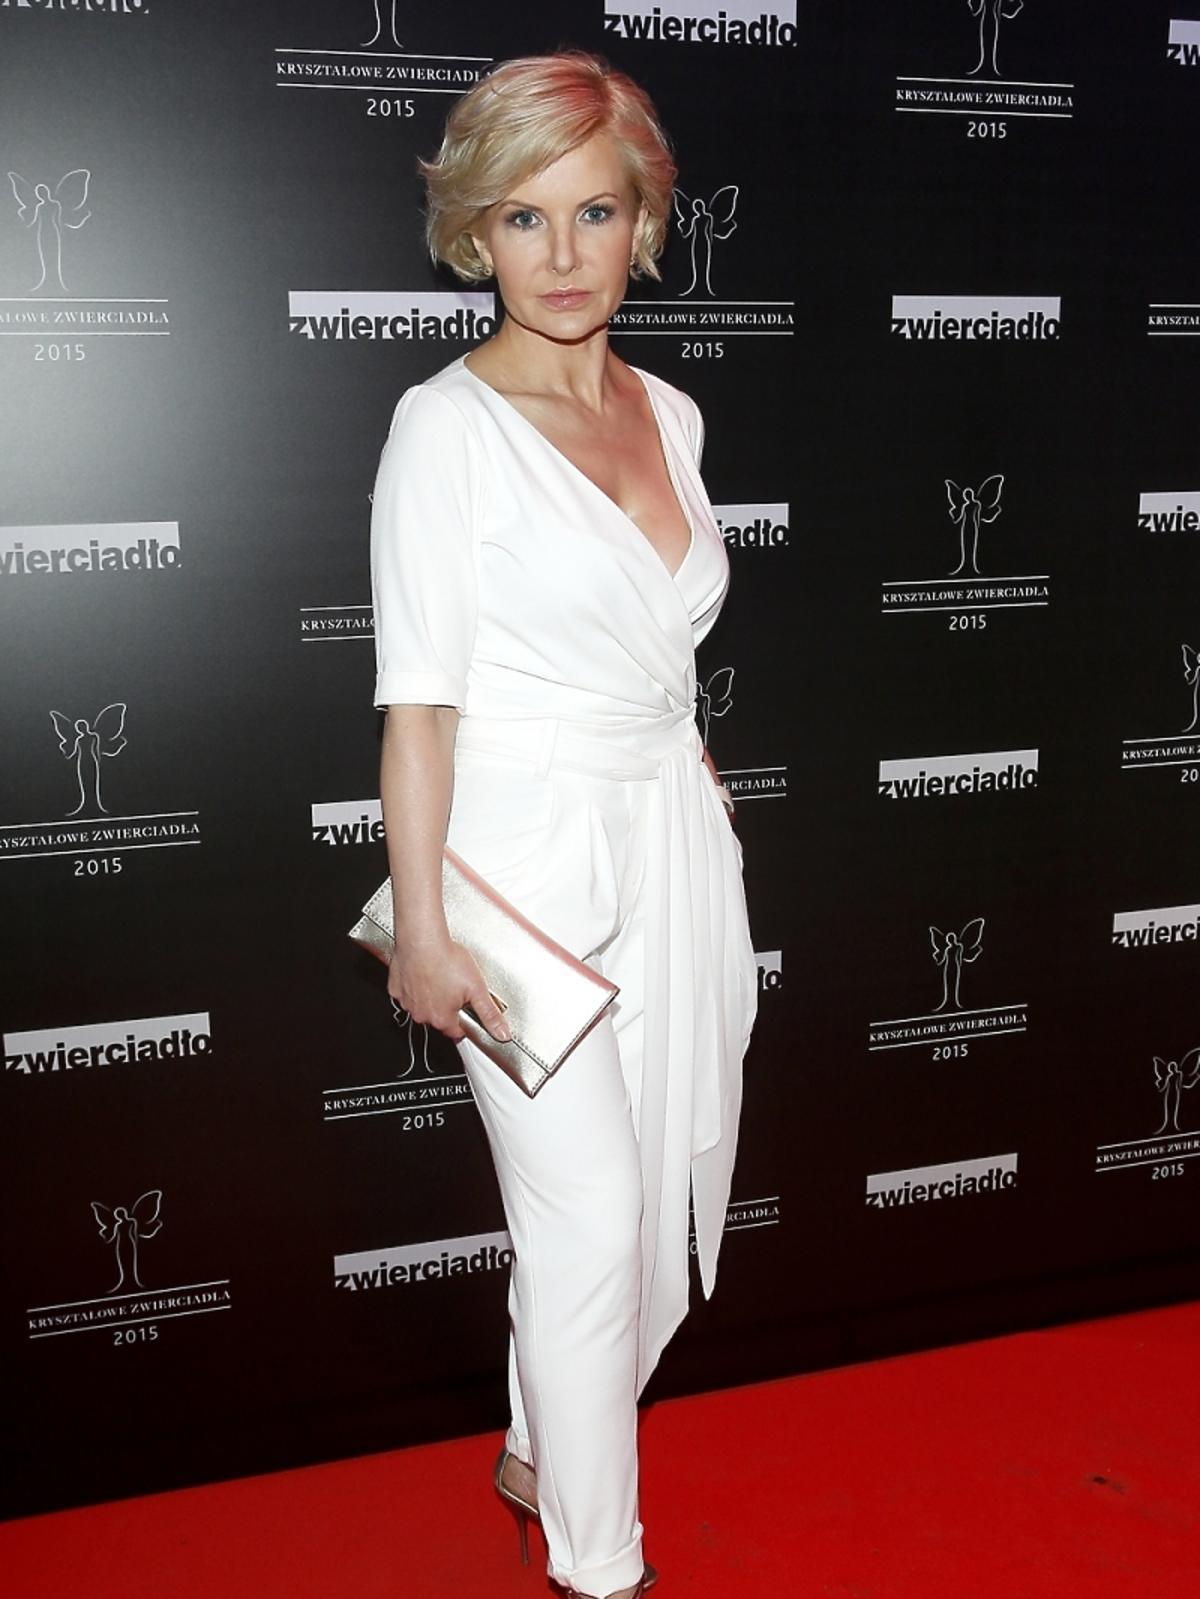 Joanna Racewicz na rozdaniu nagród Kryształowe Zwierciadła